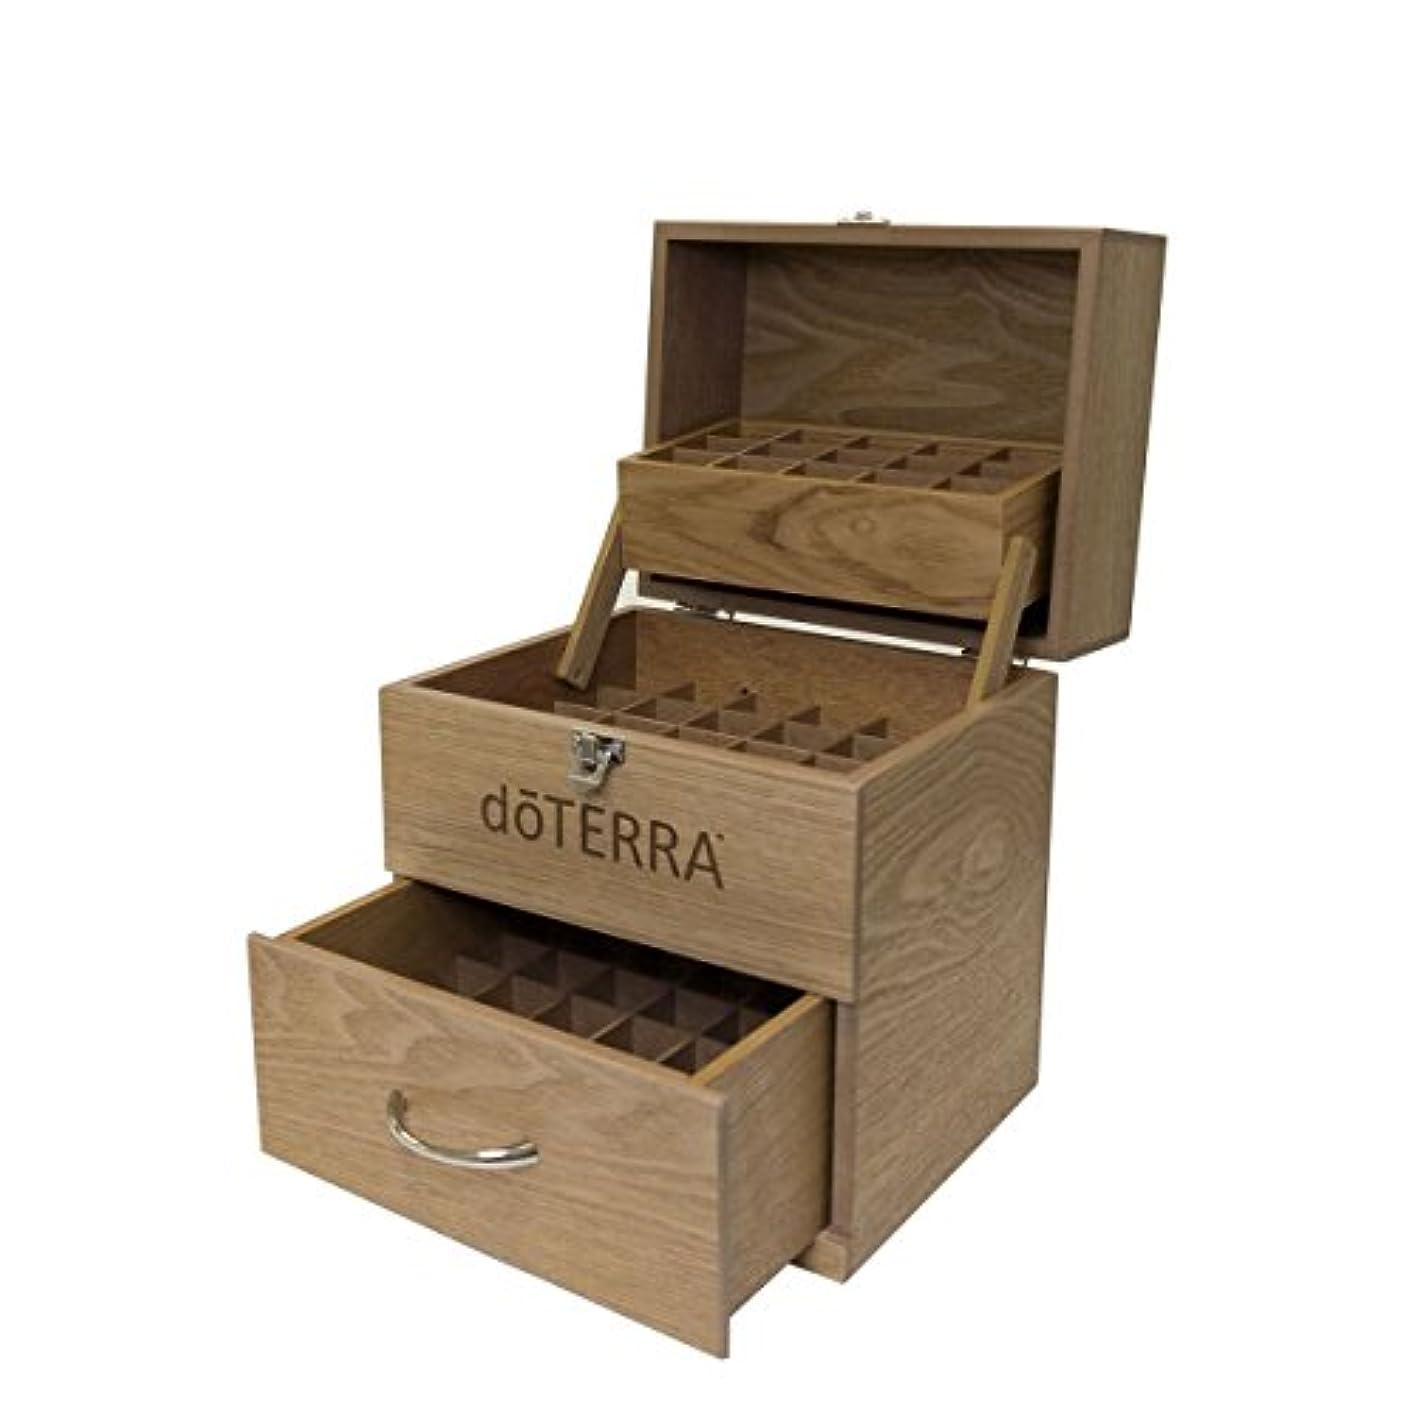 (ドテラ) doTERRA ウッドボックス ライトブラウン 窓付き 木箱 エッセンシャルオイル 精油 整理箱 3段ボックス 75本